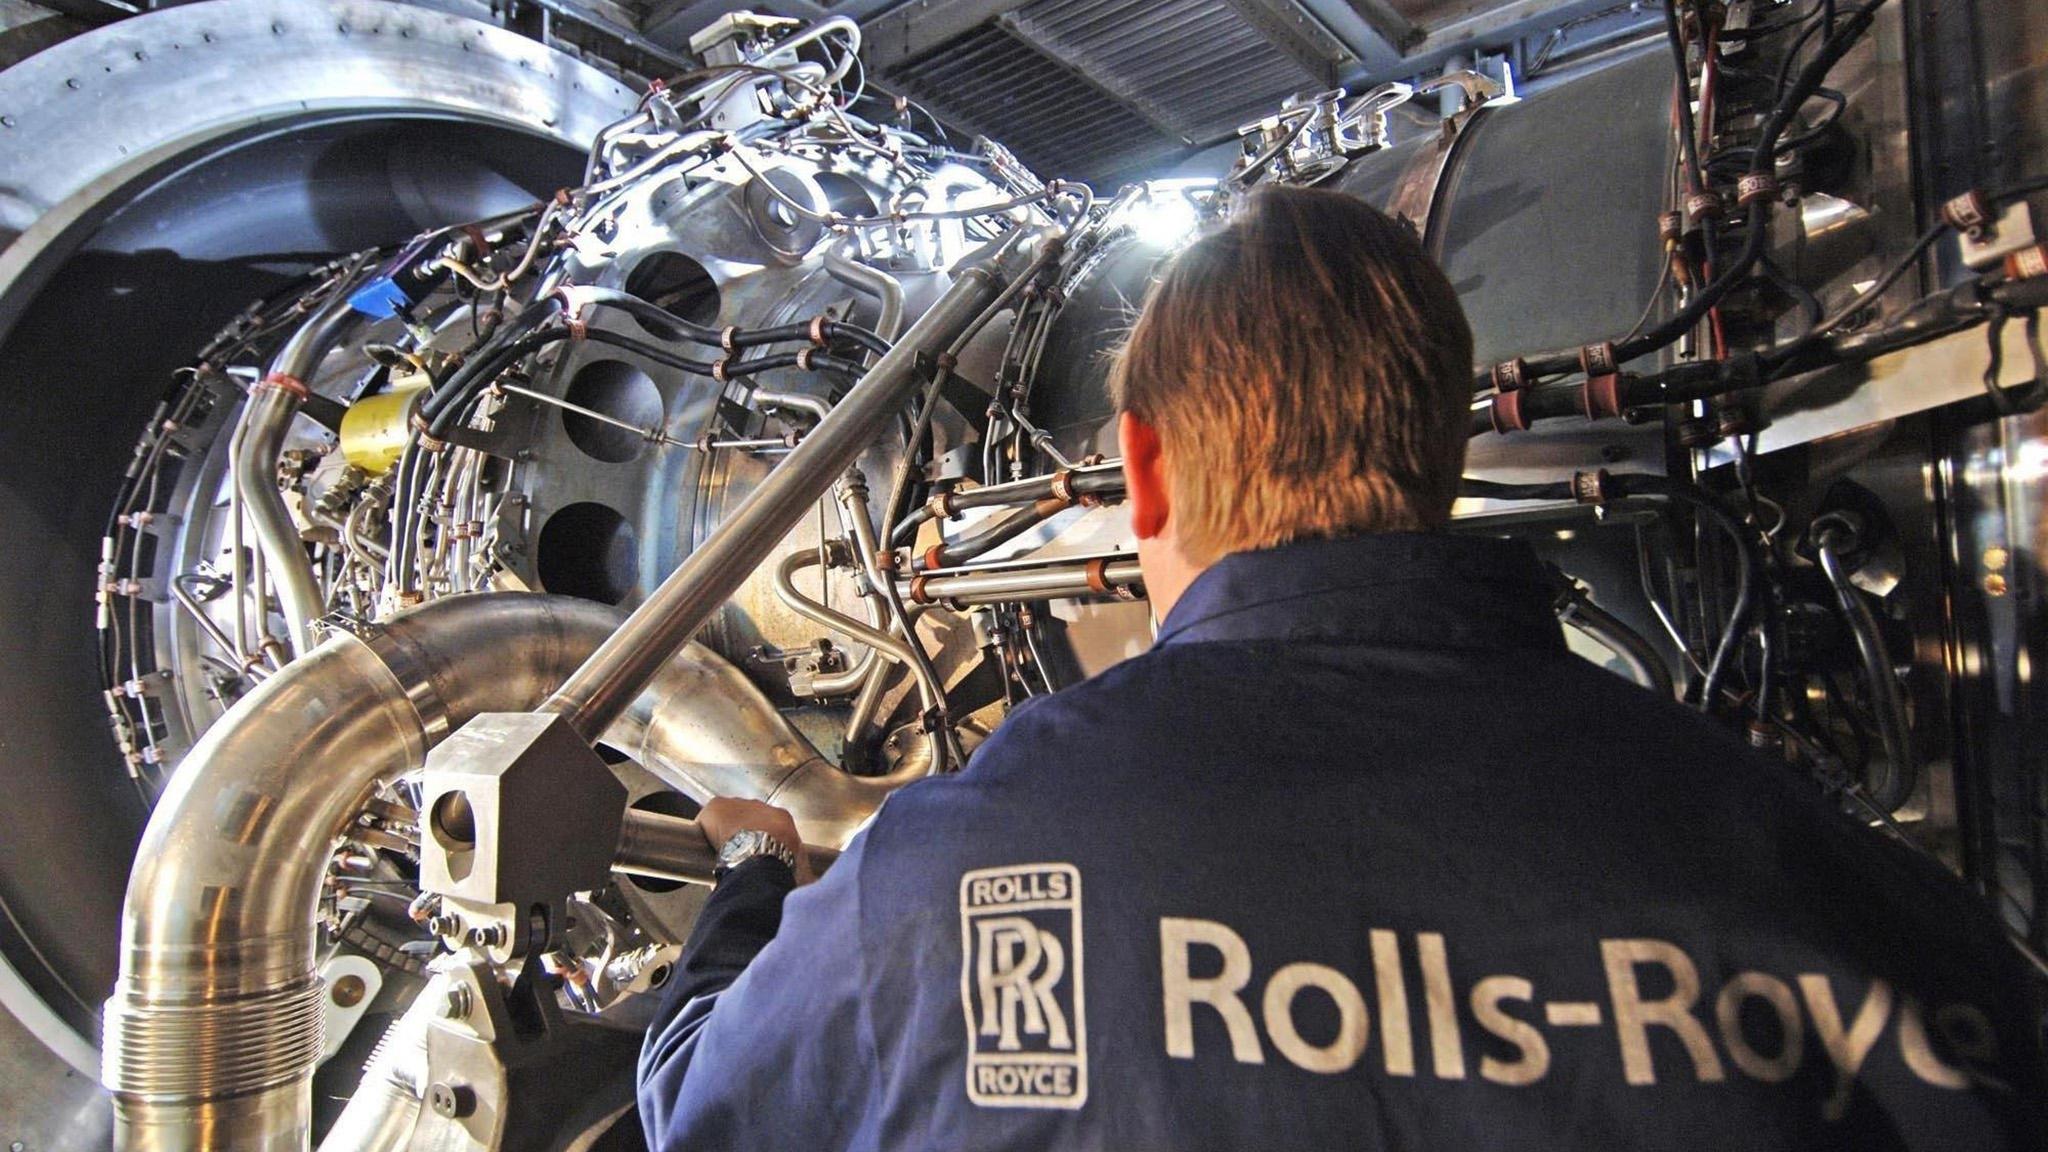 Resultado de imagen para Rolls-Royce engine factory